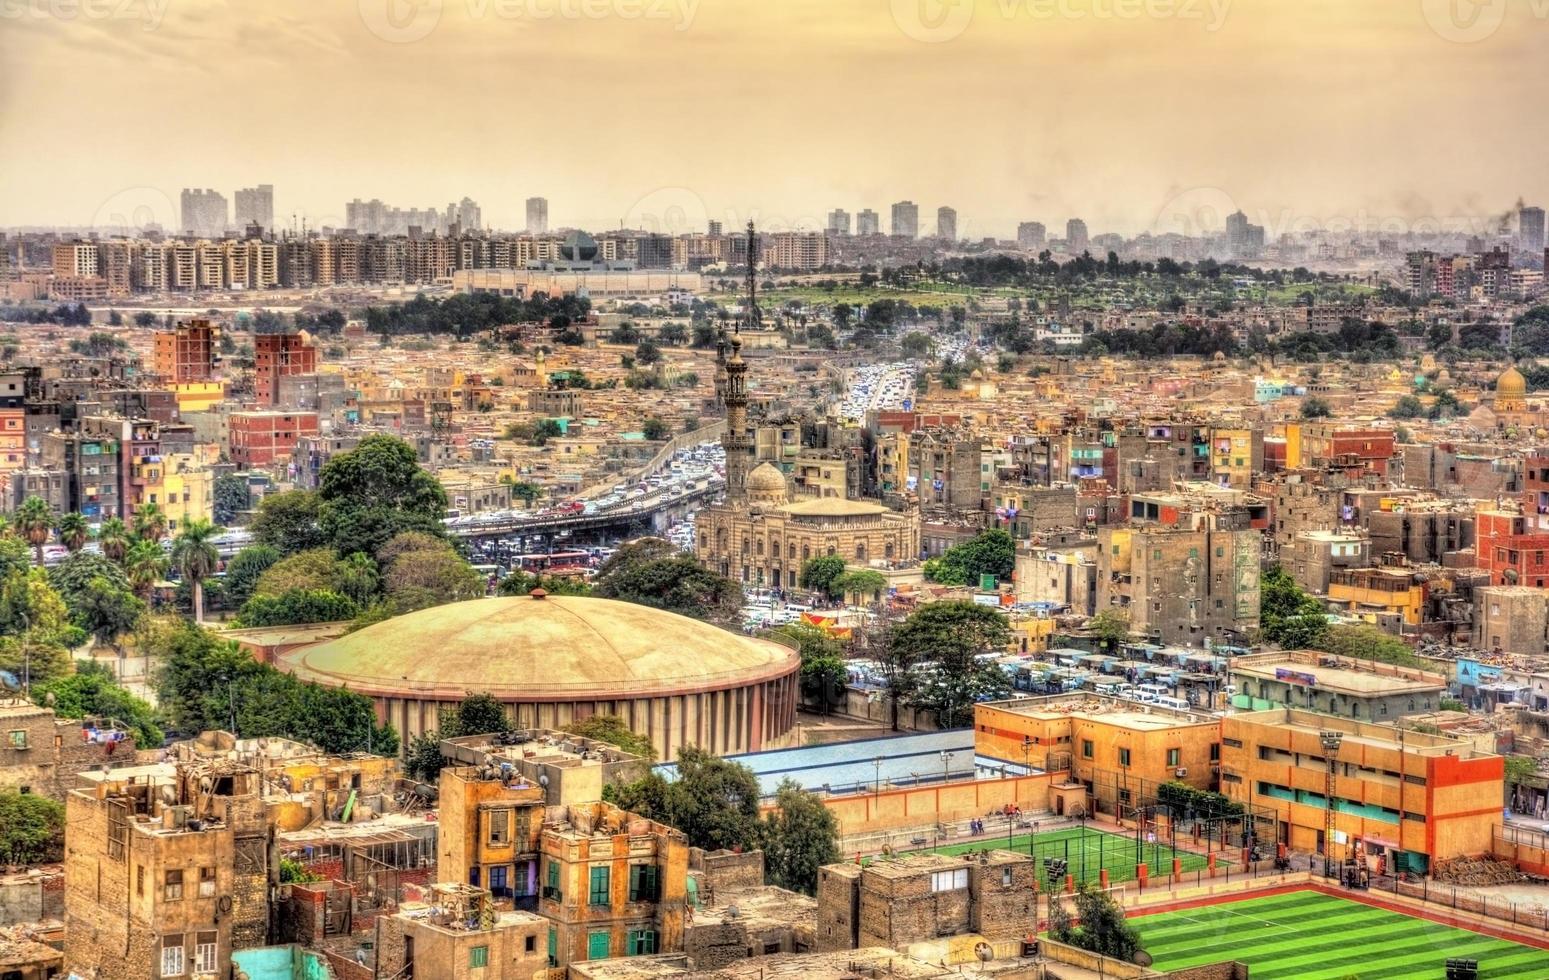 vue du caire depuis la citadelle - egypte photo